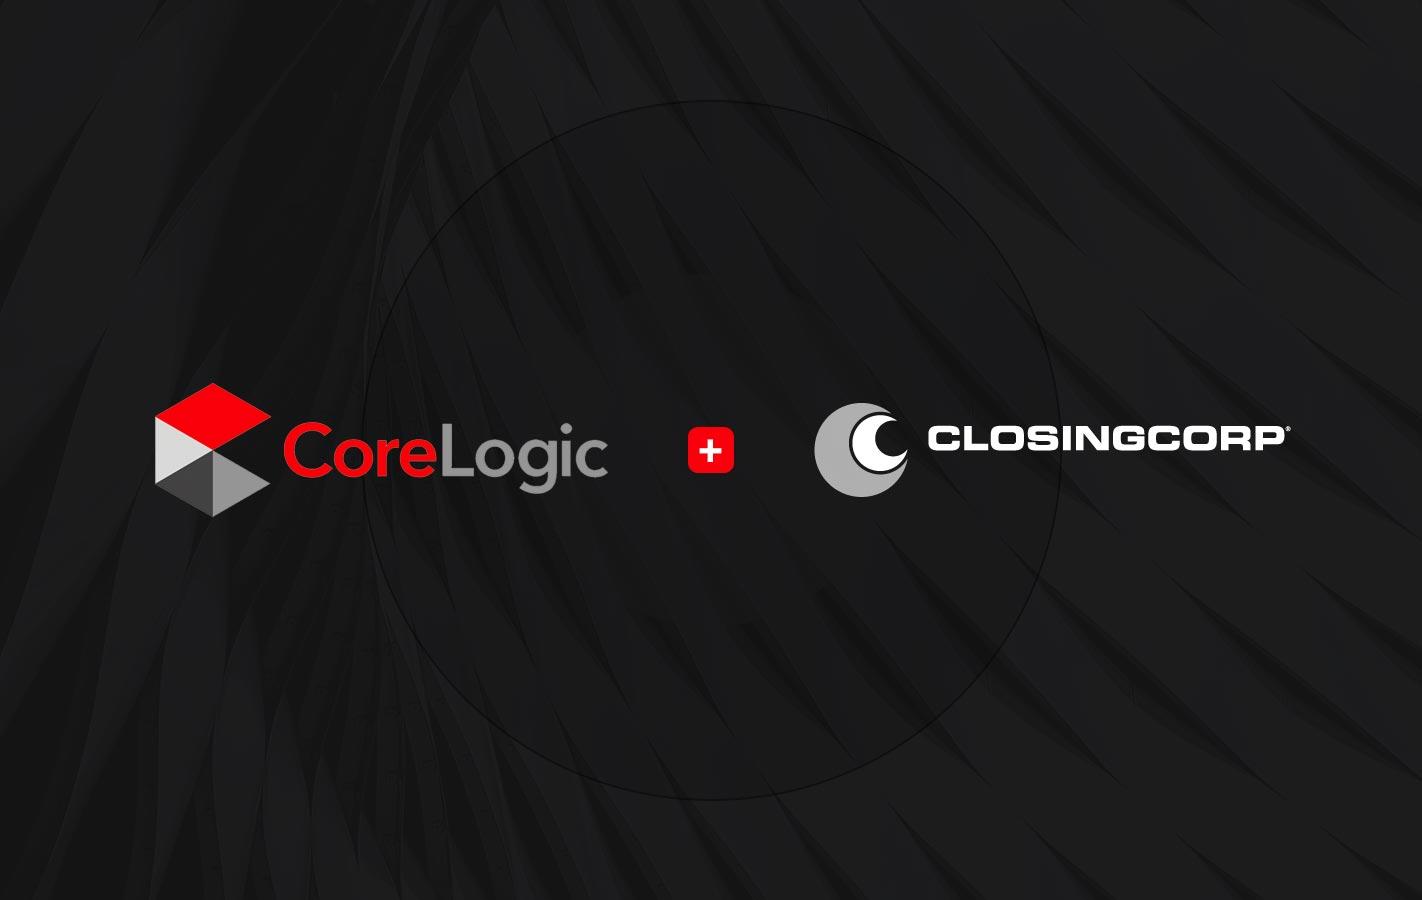 corelogic acquires closingcorp